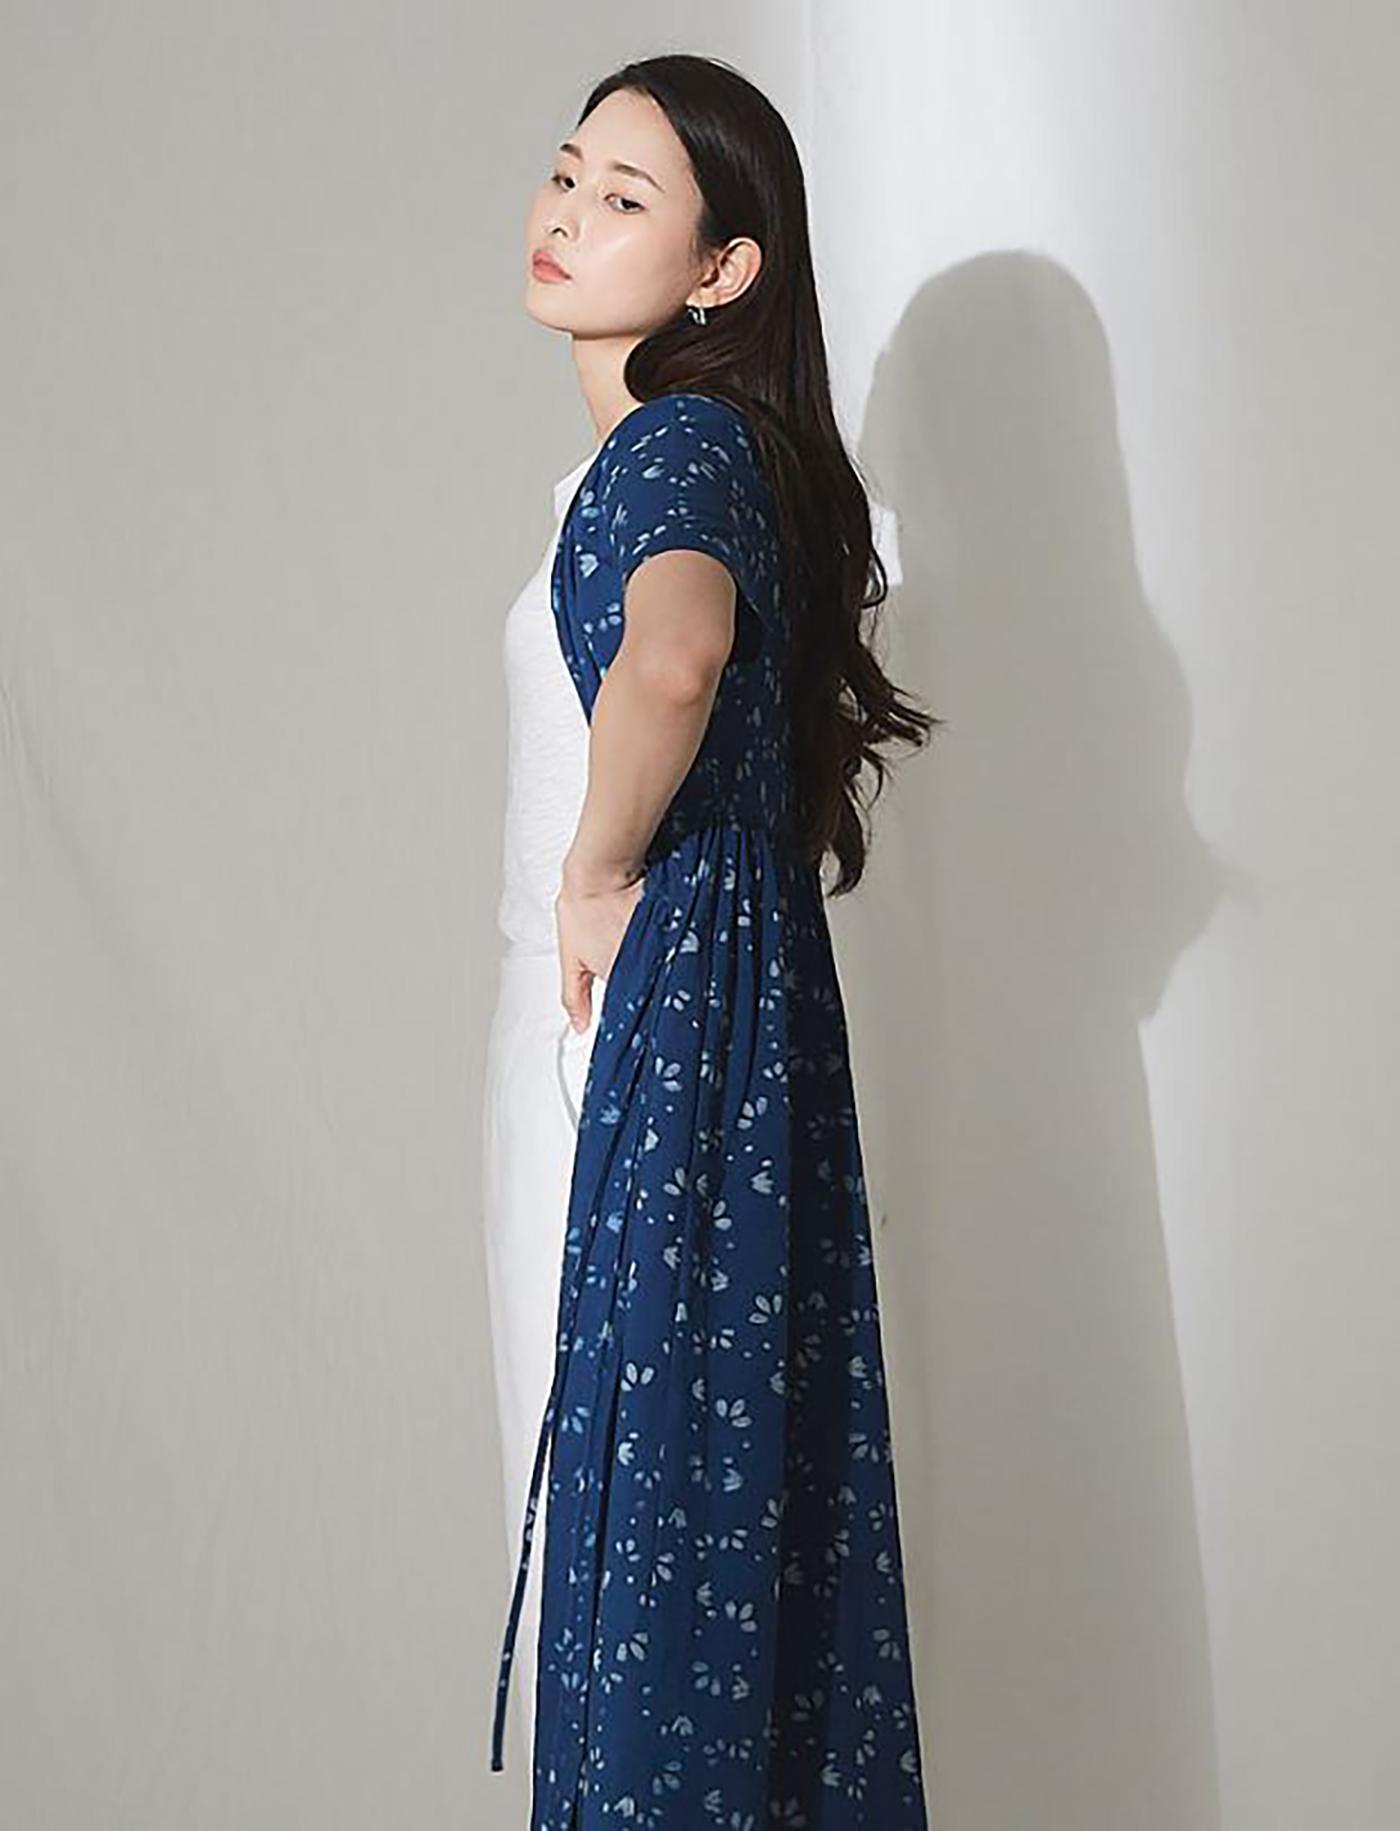 인디고 야생꽃 랩 드레스/그루 인디고 야생꽃 랩 드레스 상세이미지6